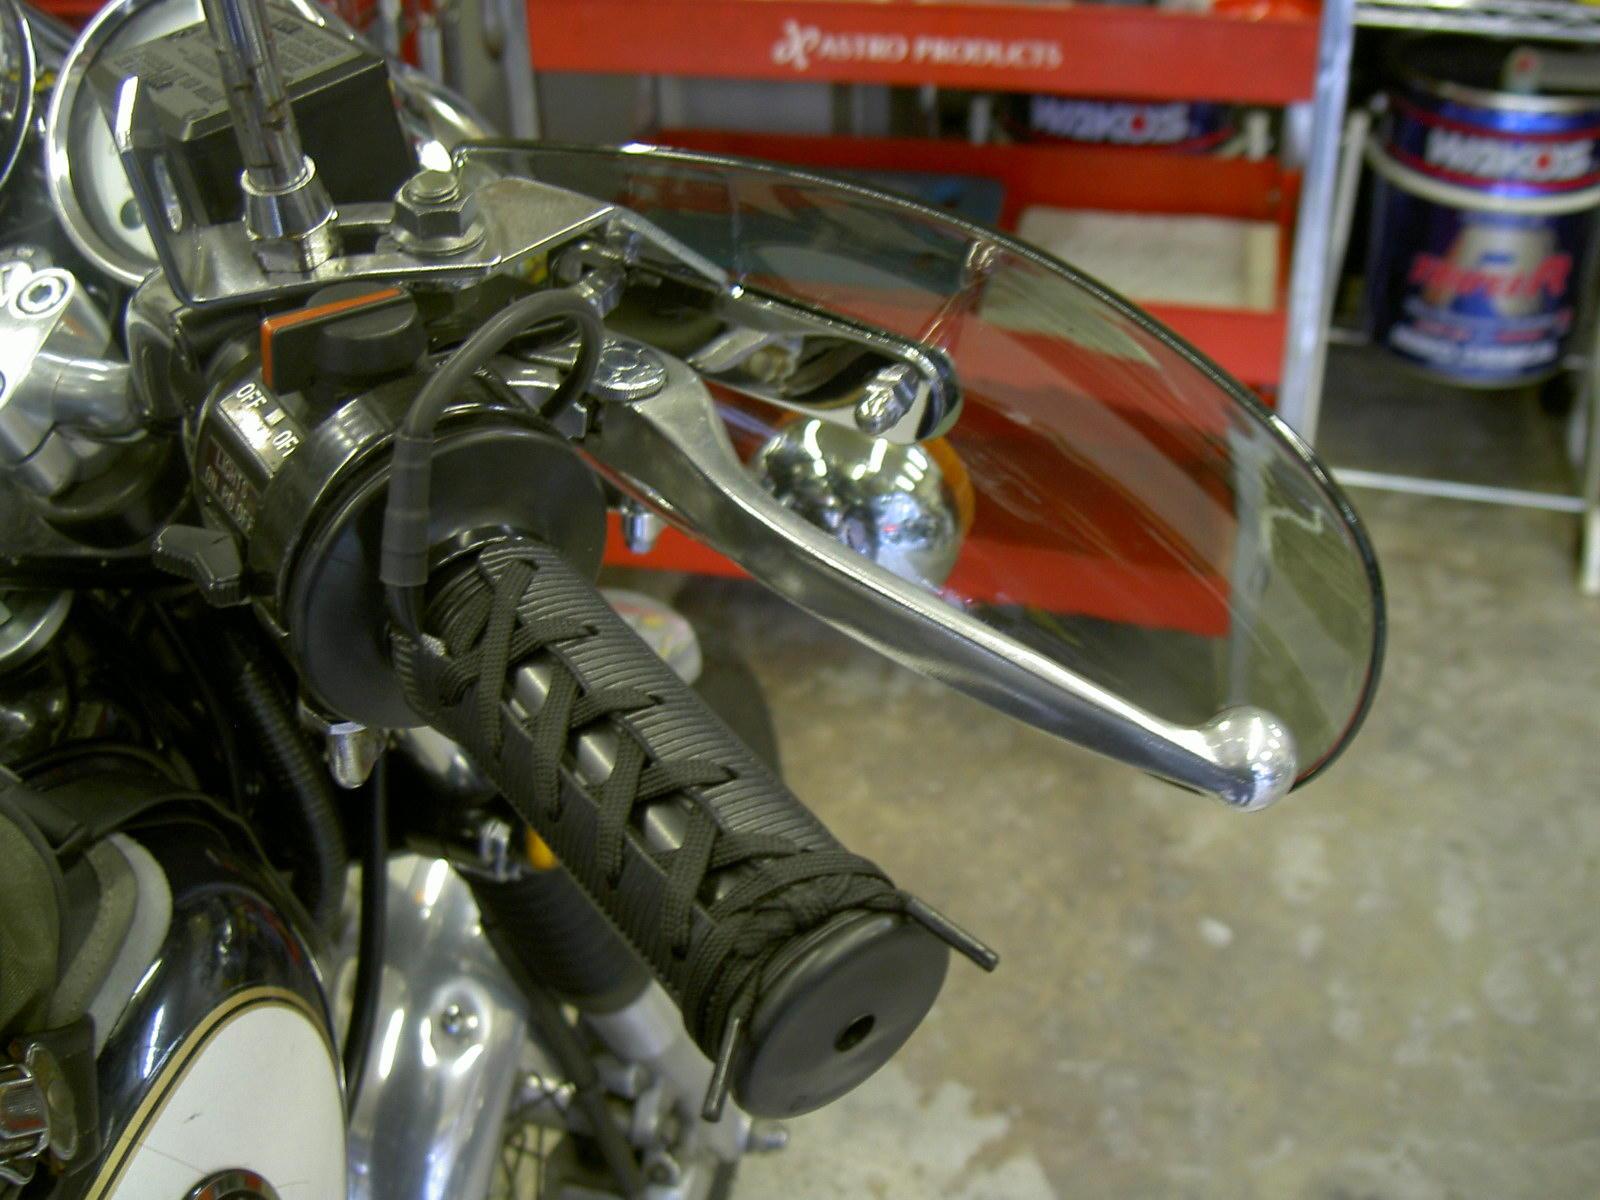 いろいろな物から手を守ってくれます!バイク用ナックルガード!のサムネイル画像